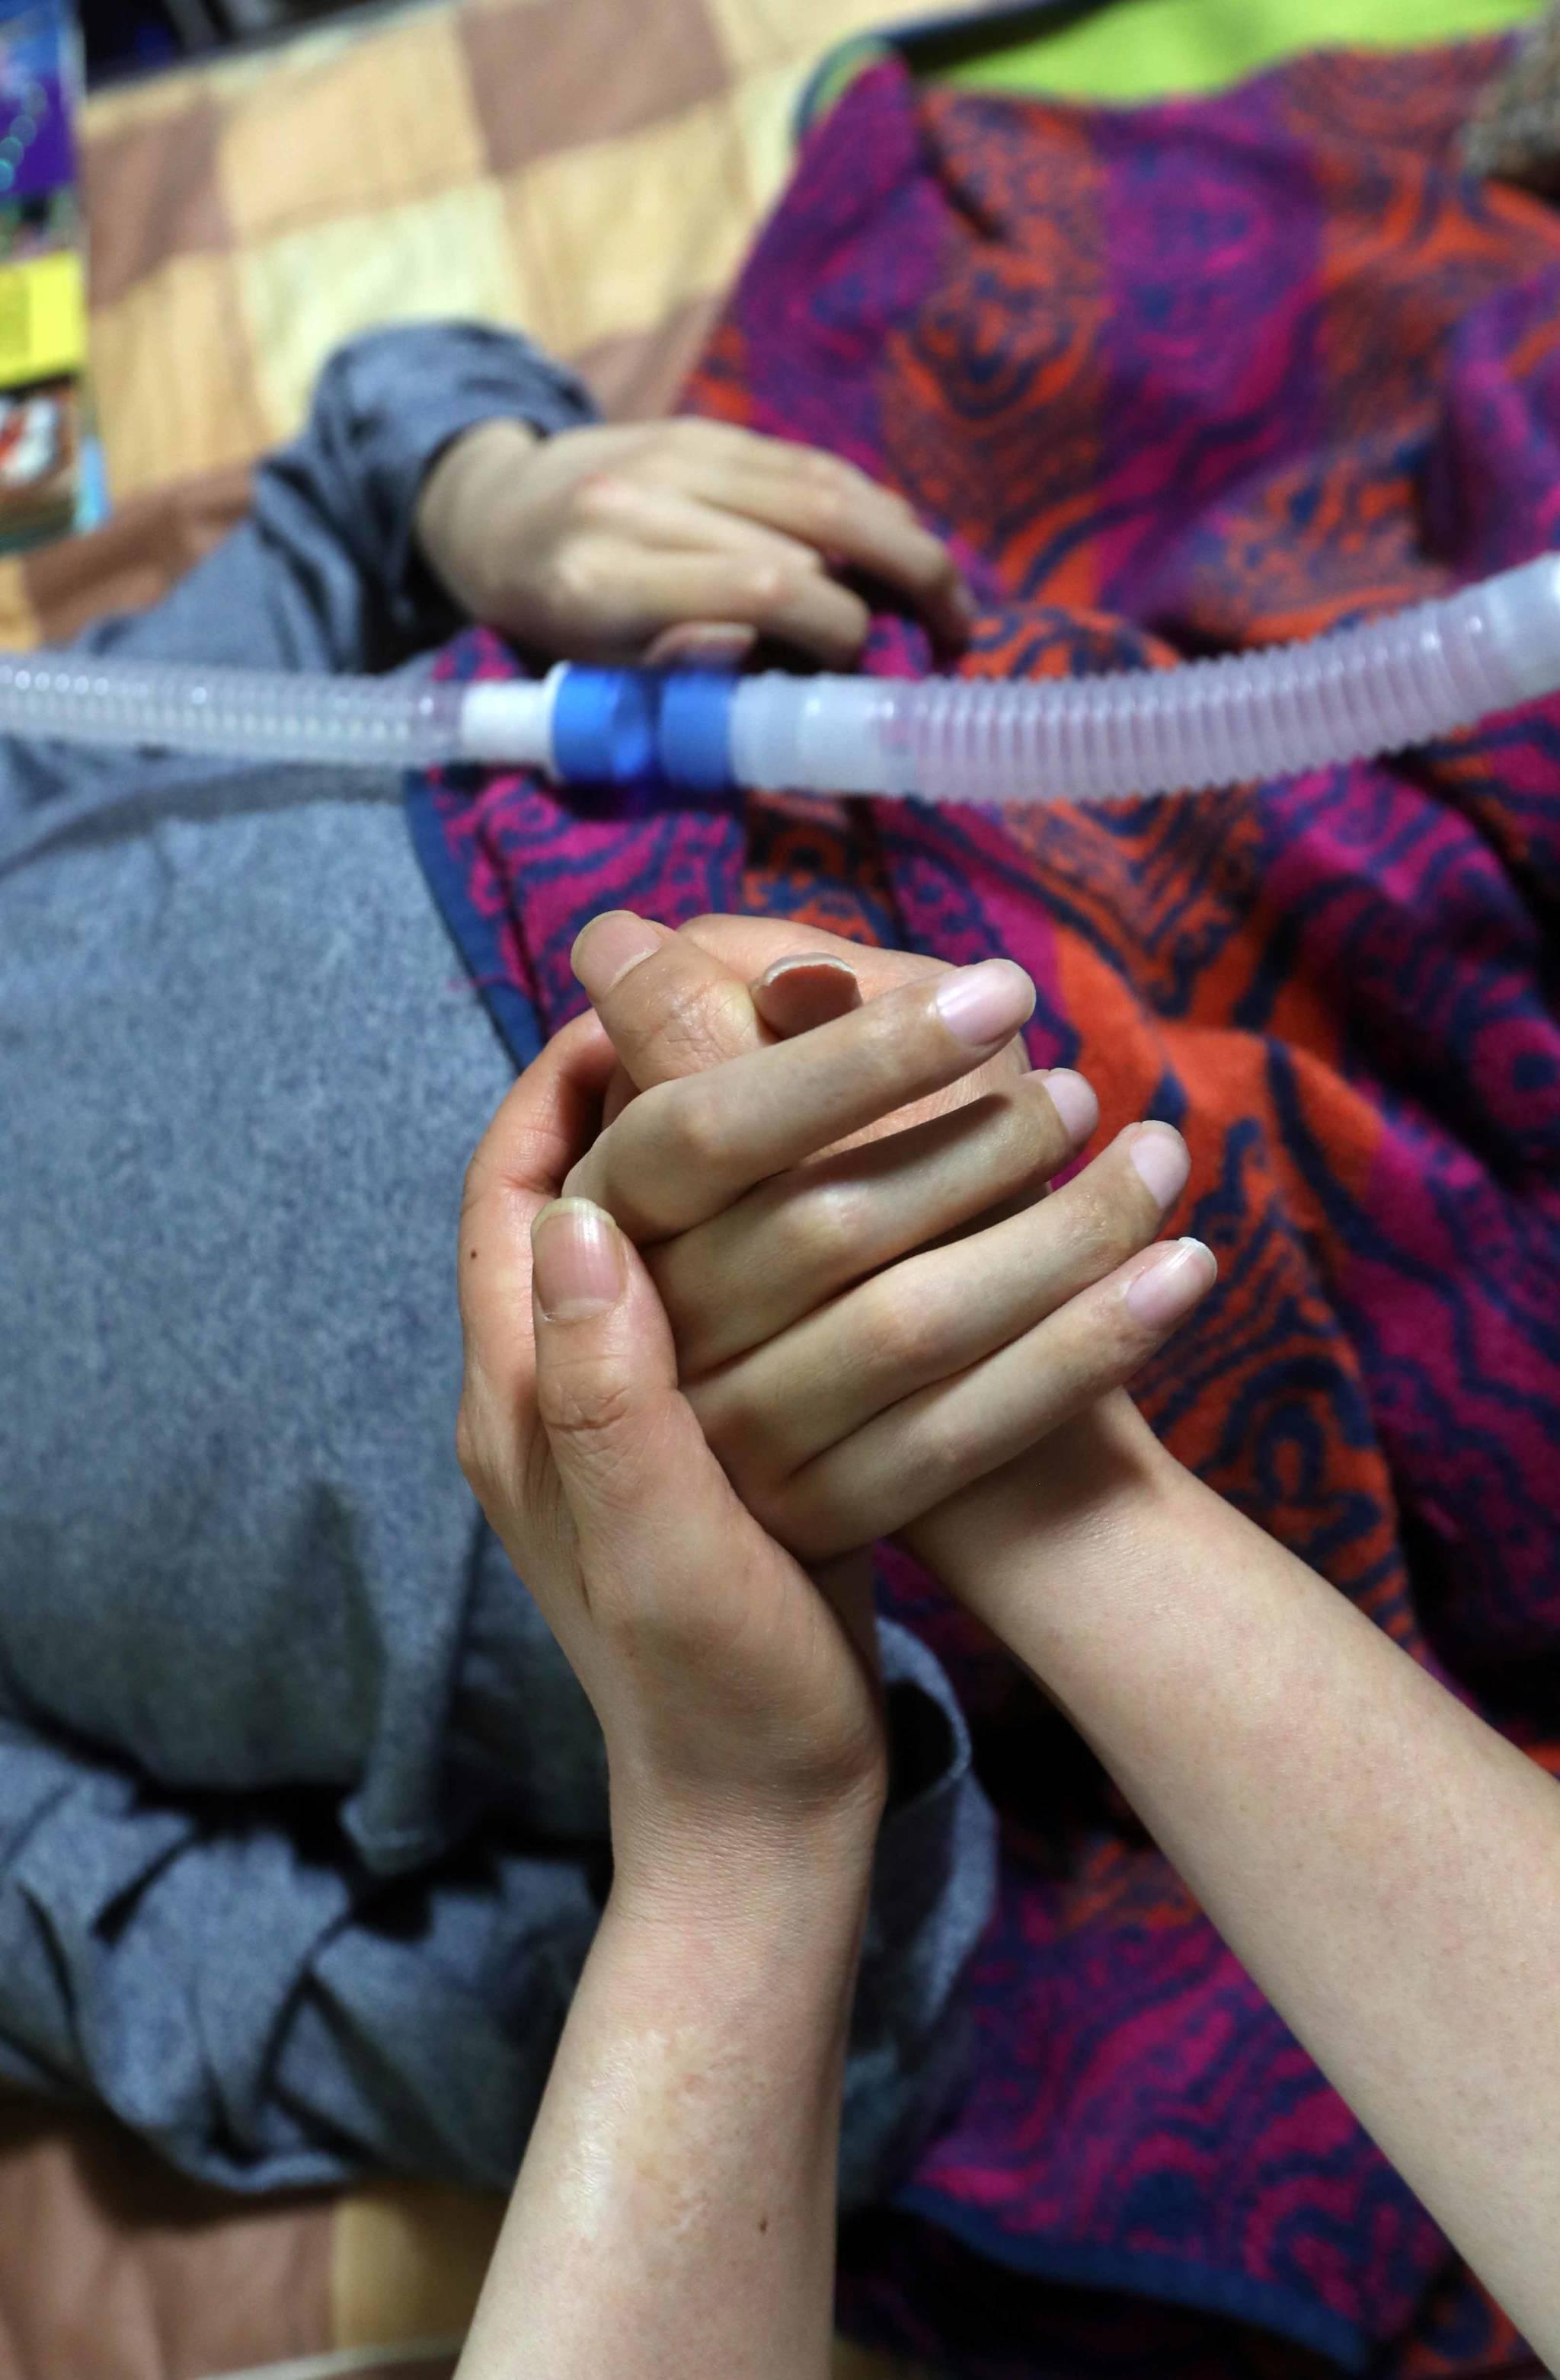 희귀난치성 질환인 뒤센근이영양증을 앓는 김모(26)씨는 하루 종일 집에 누운 채로 인공호흡기를 사용해야 한다. 옆에서 돌보는 가족들도 24시간 눈을 뗄 수가 없다. 김씨의 손을 잡고 있는 어머니의 손. 김상선 기자